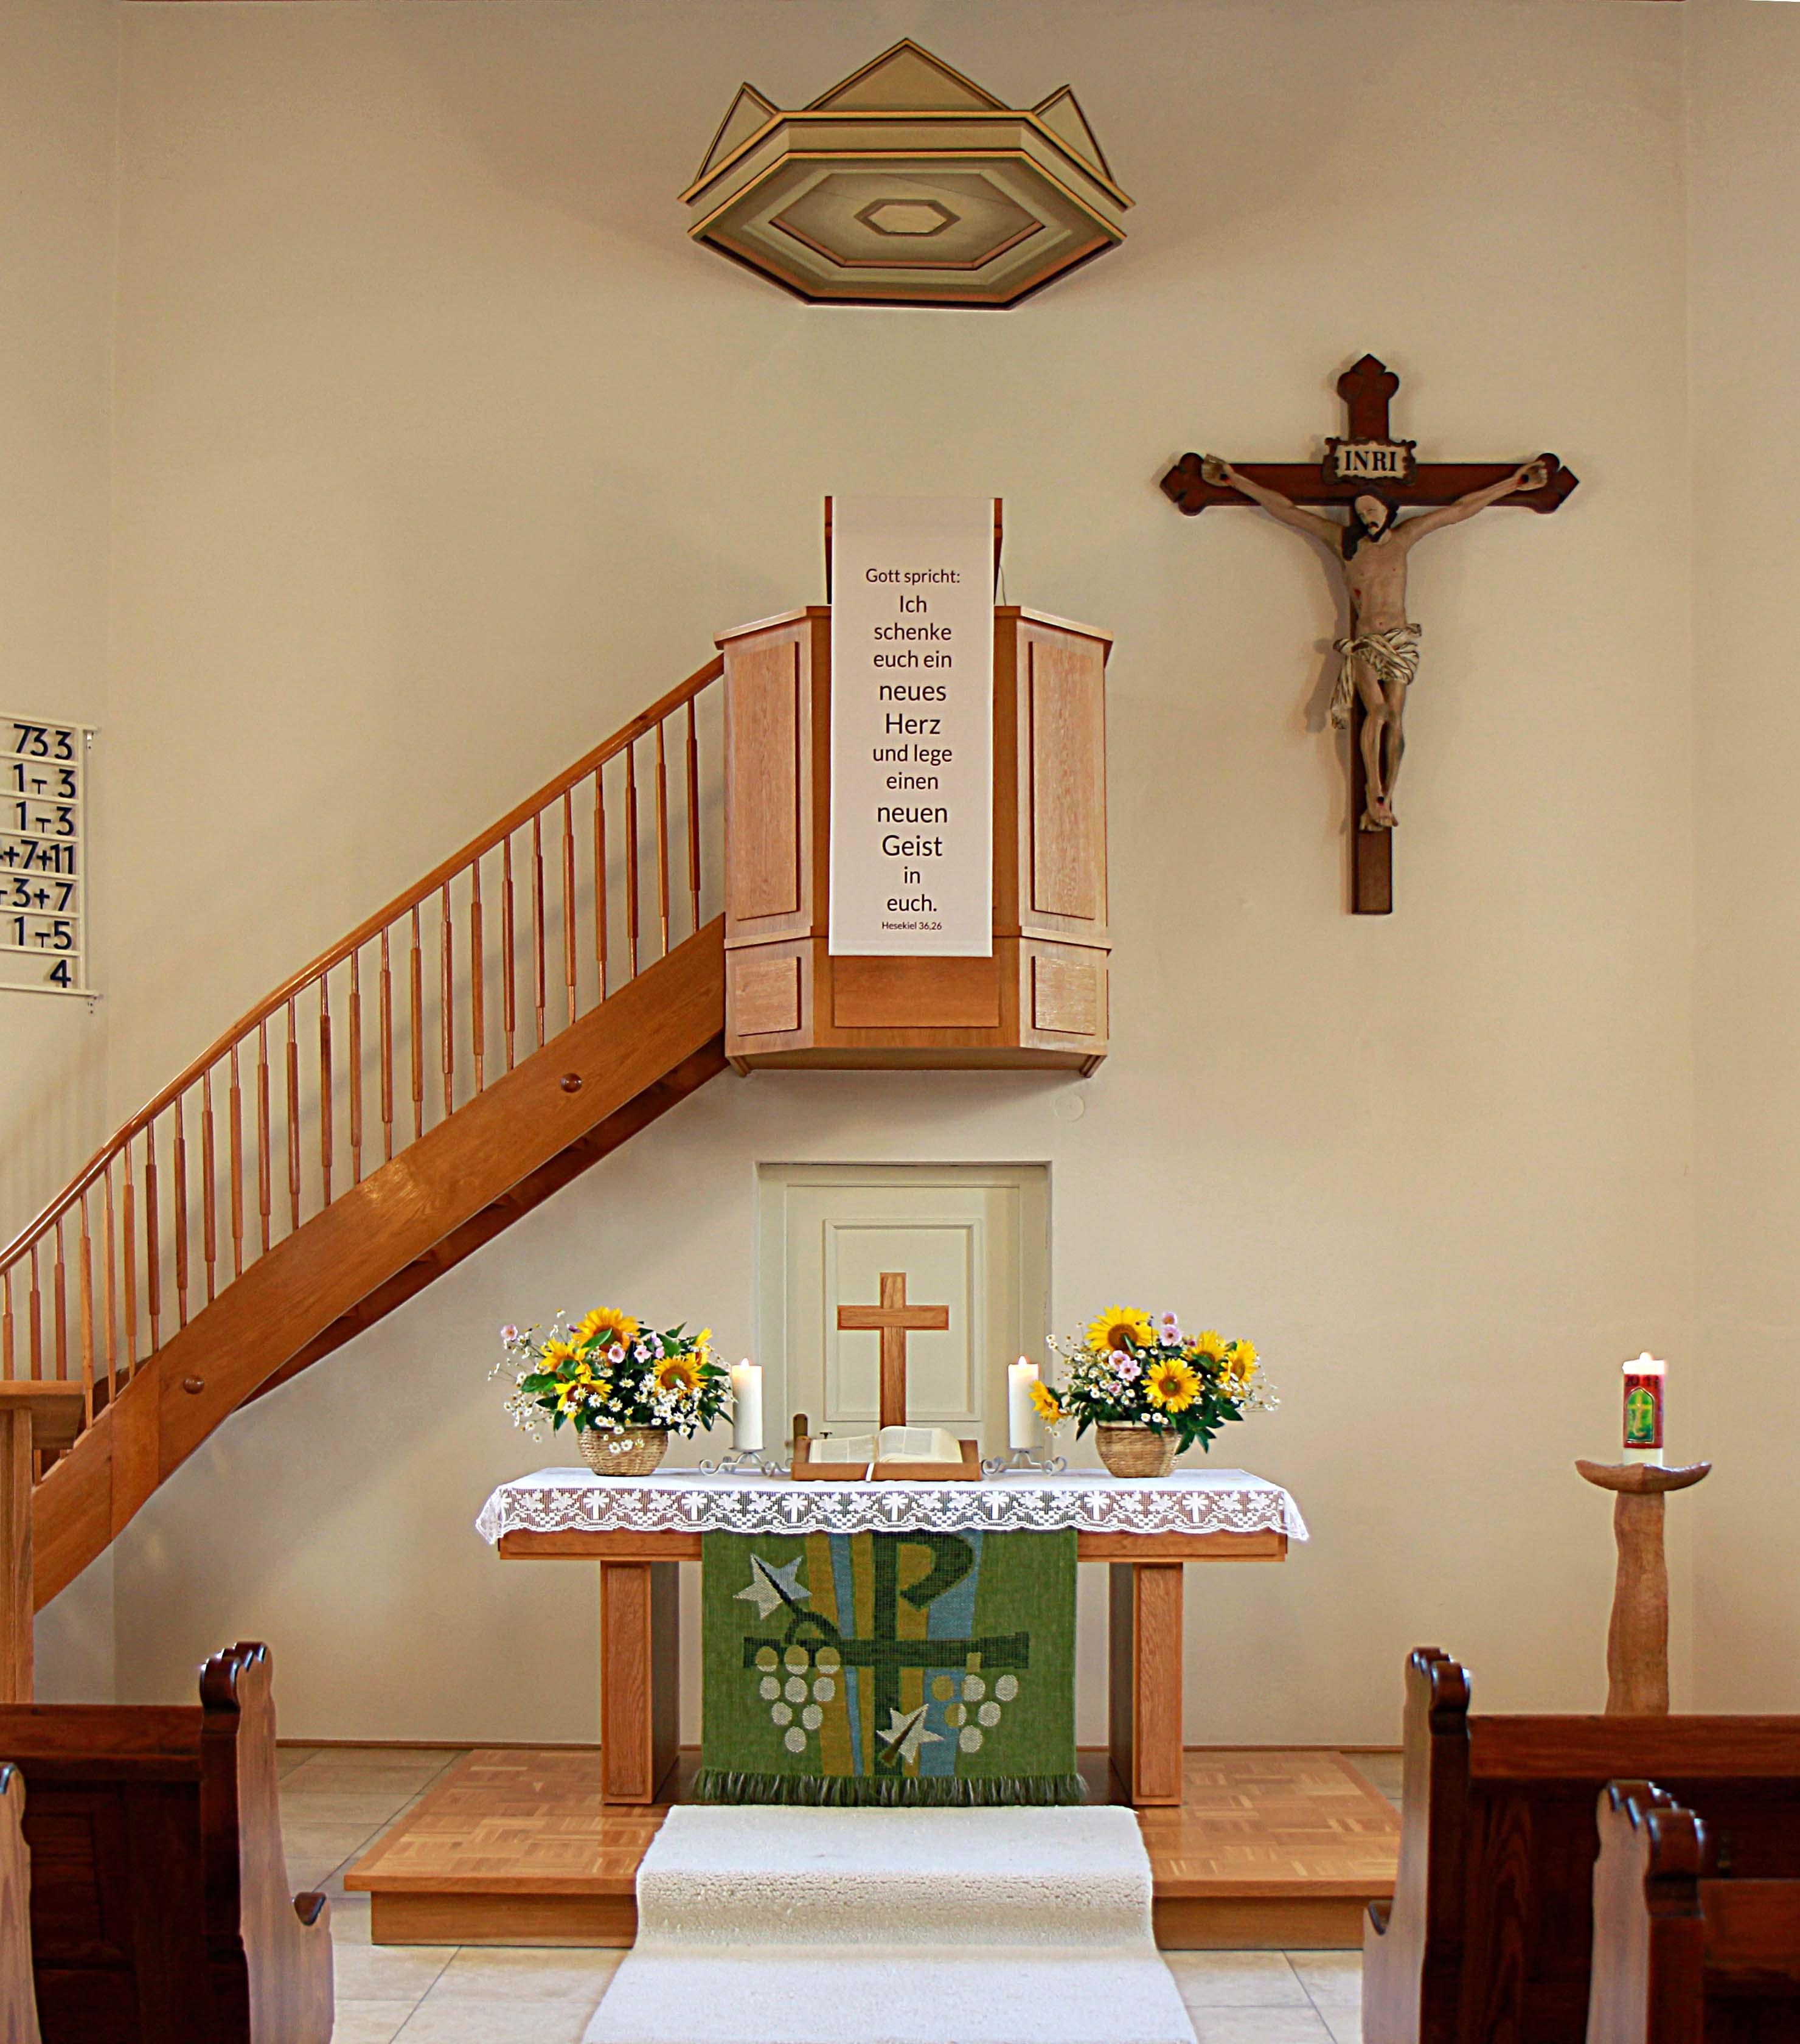 Innenraum der evangelischen Kirchengemeinde Zang